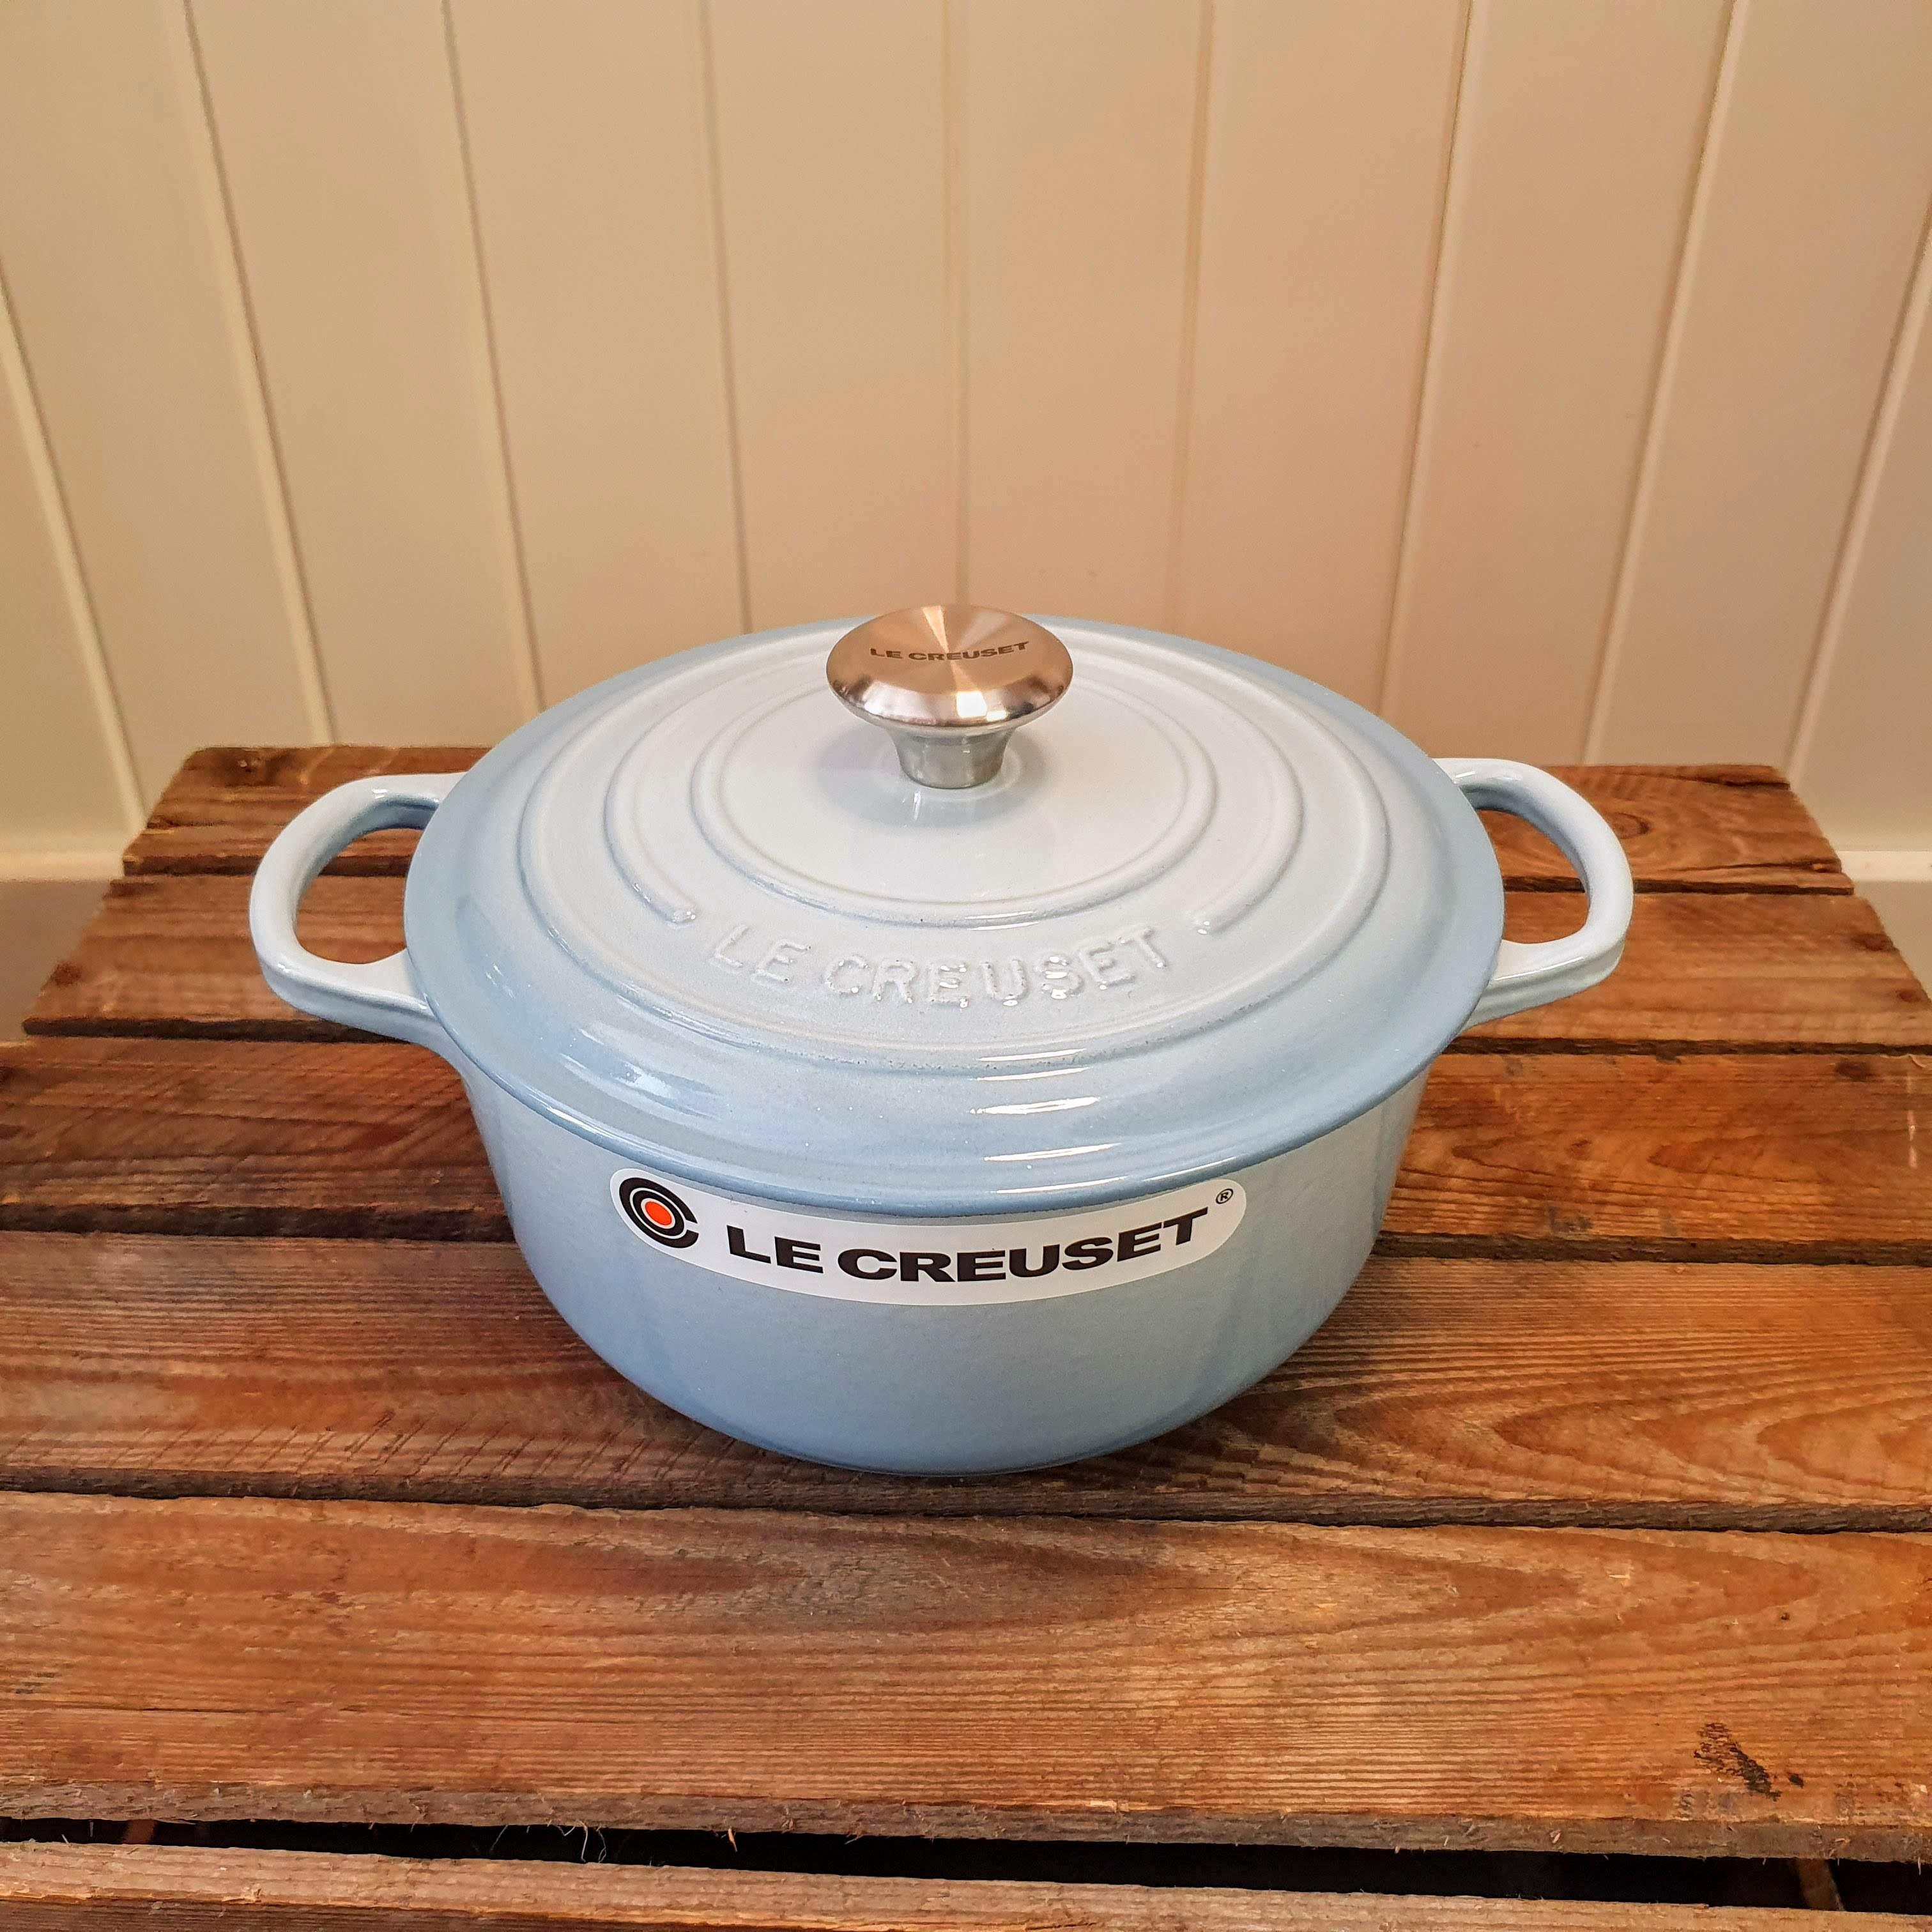 le creuset 20cm round casserole coastal blue